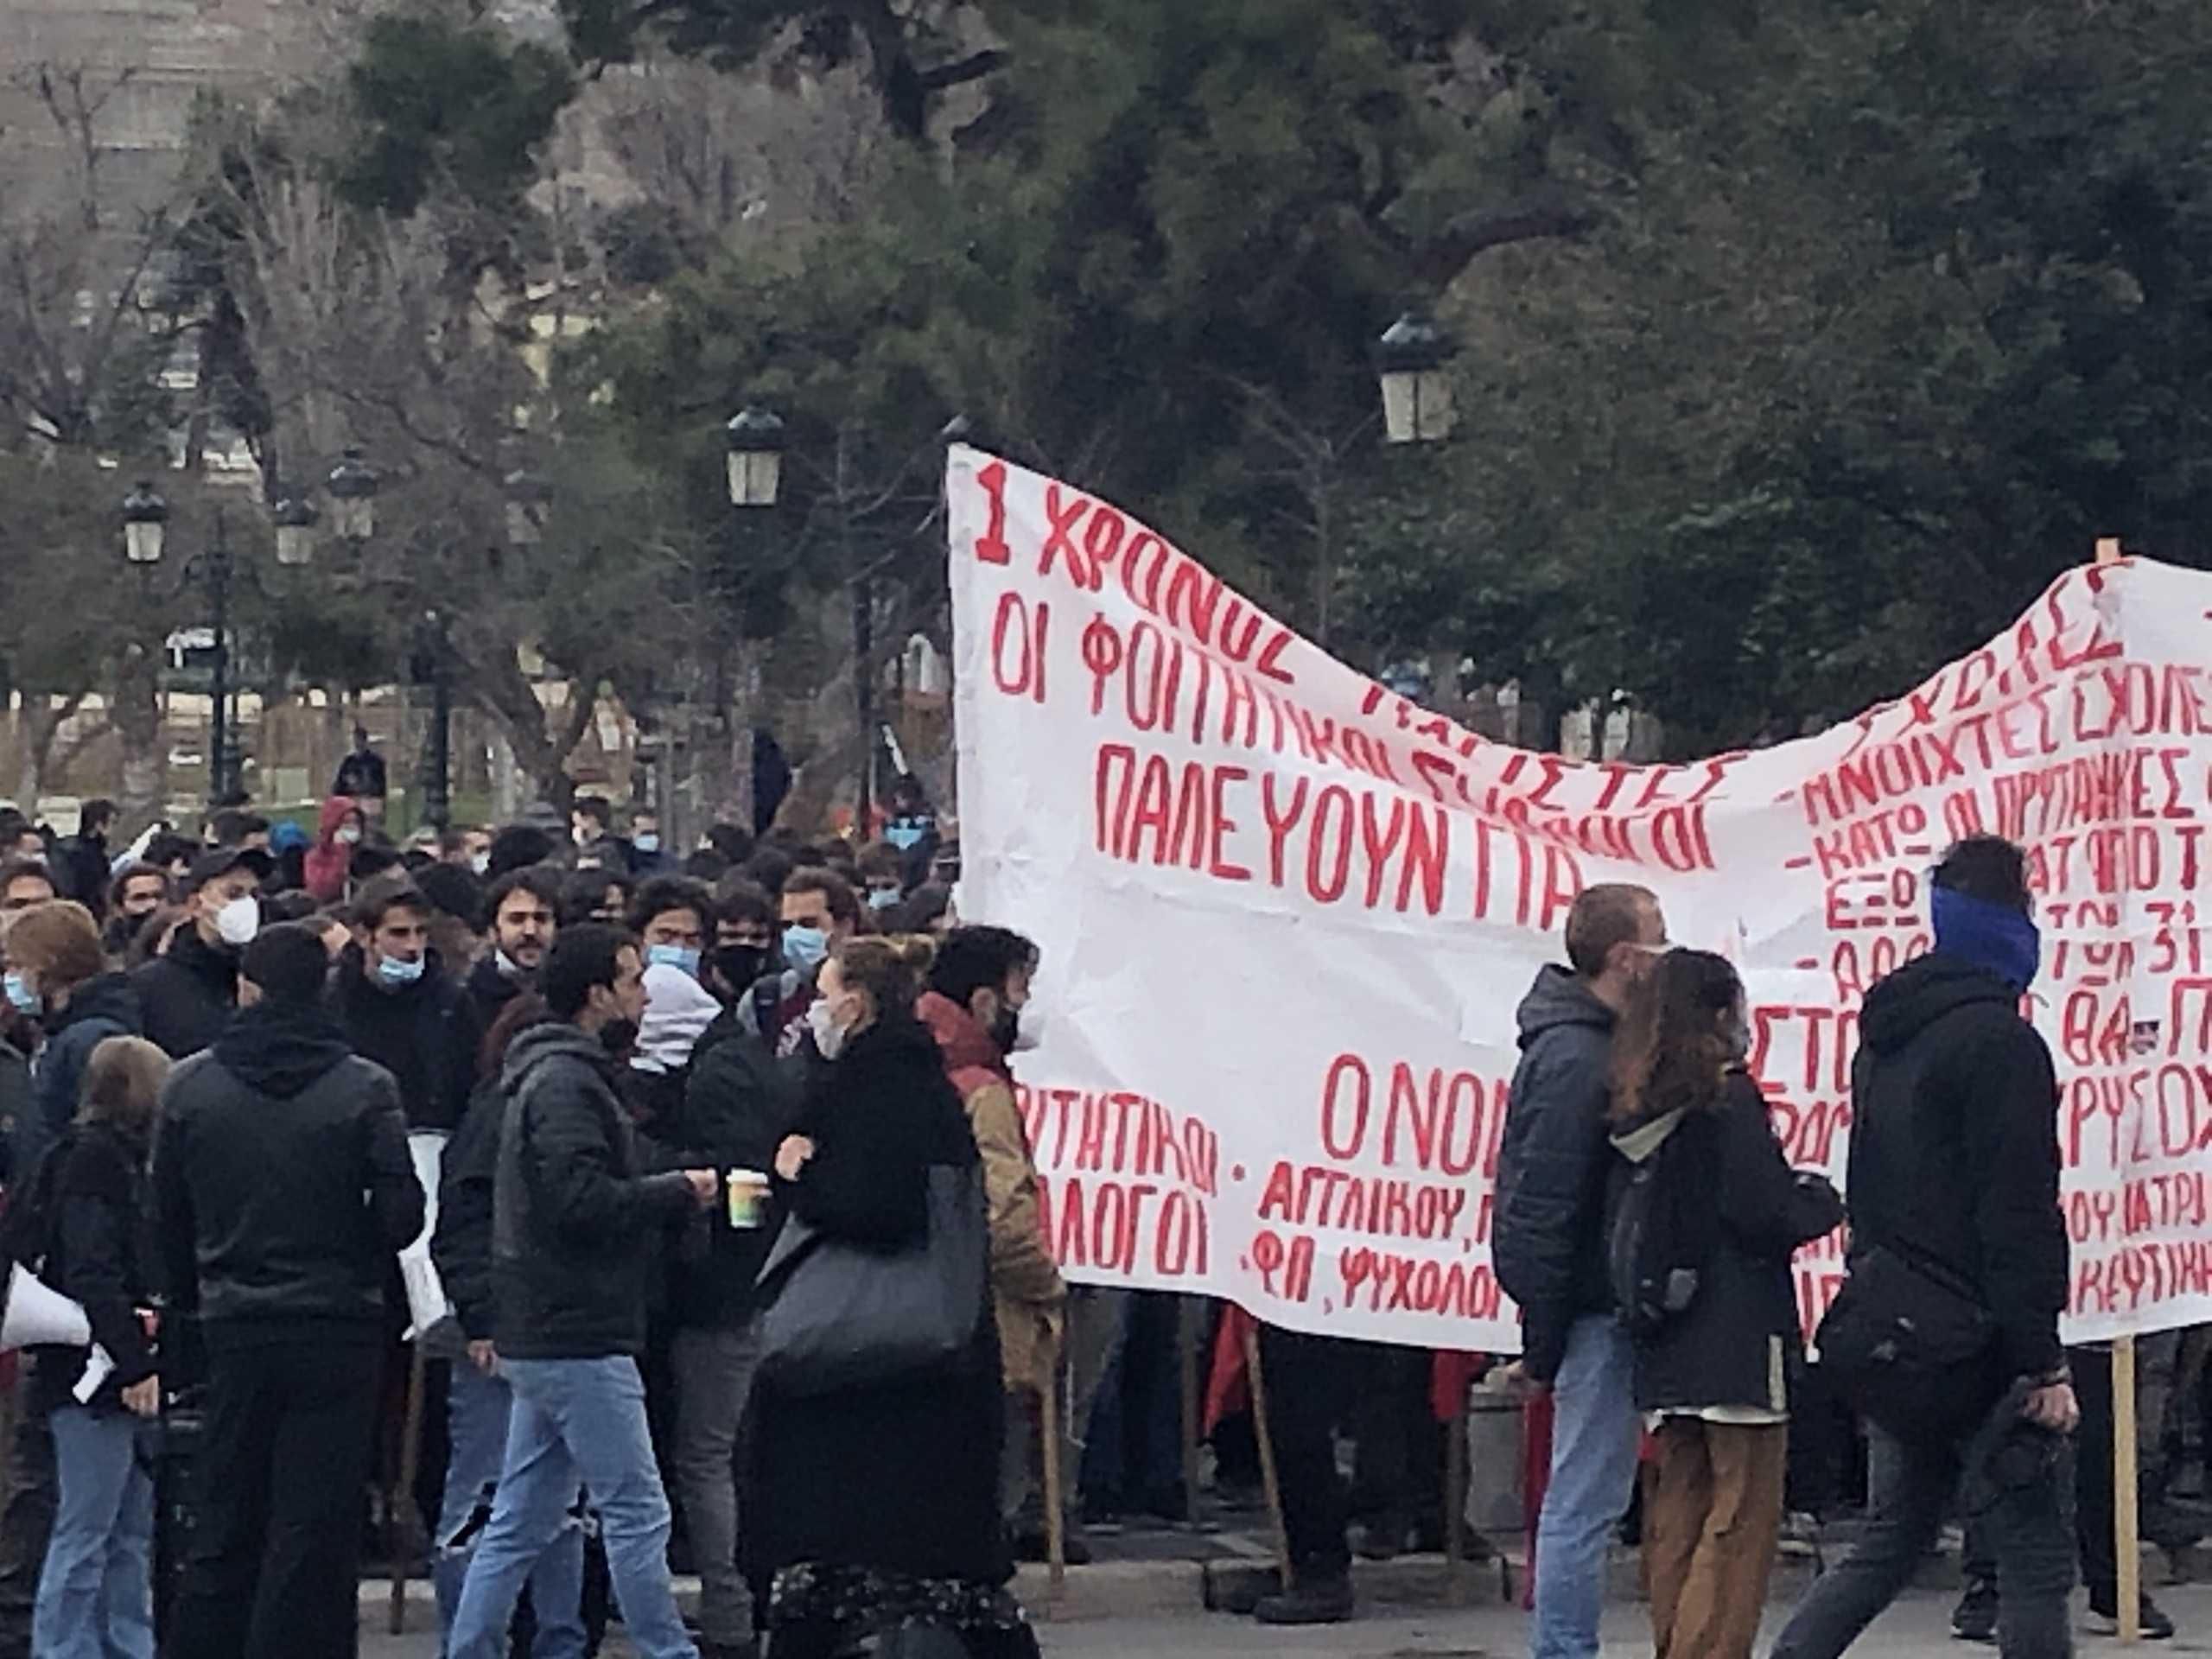 Θεσσαλονίκη: Συγκέντρωση κατά της επιχείρησης εκκένωσης του ΑΠΘ – Κλειστή η Εγνατία (pics)